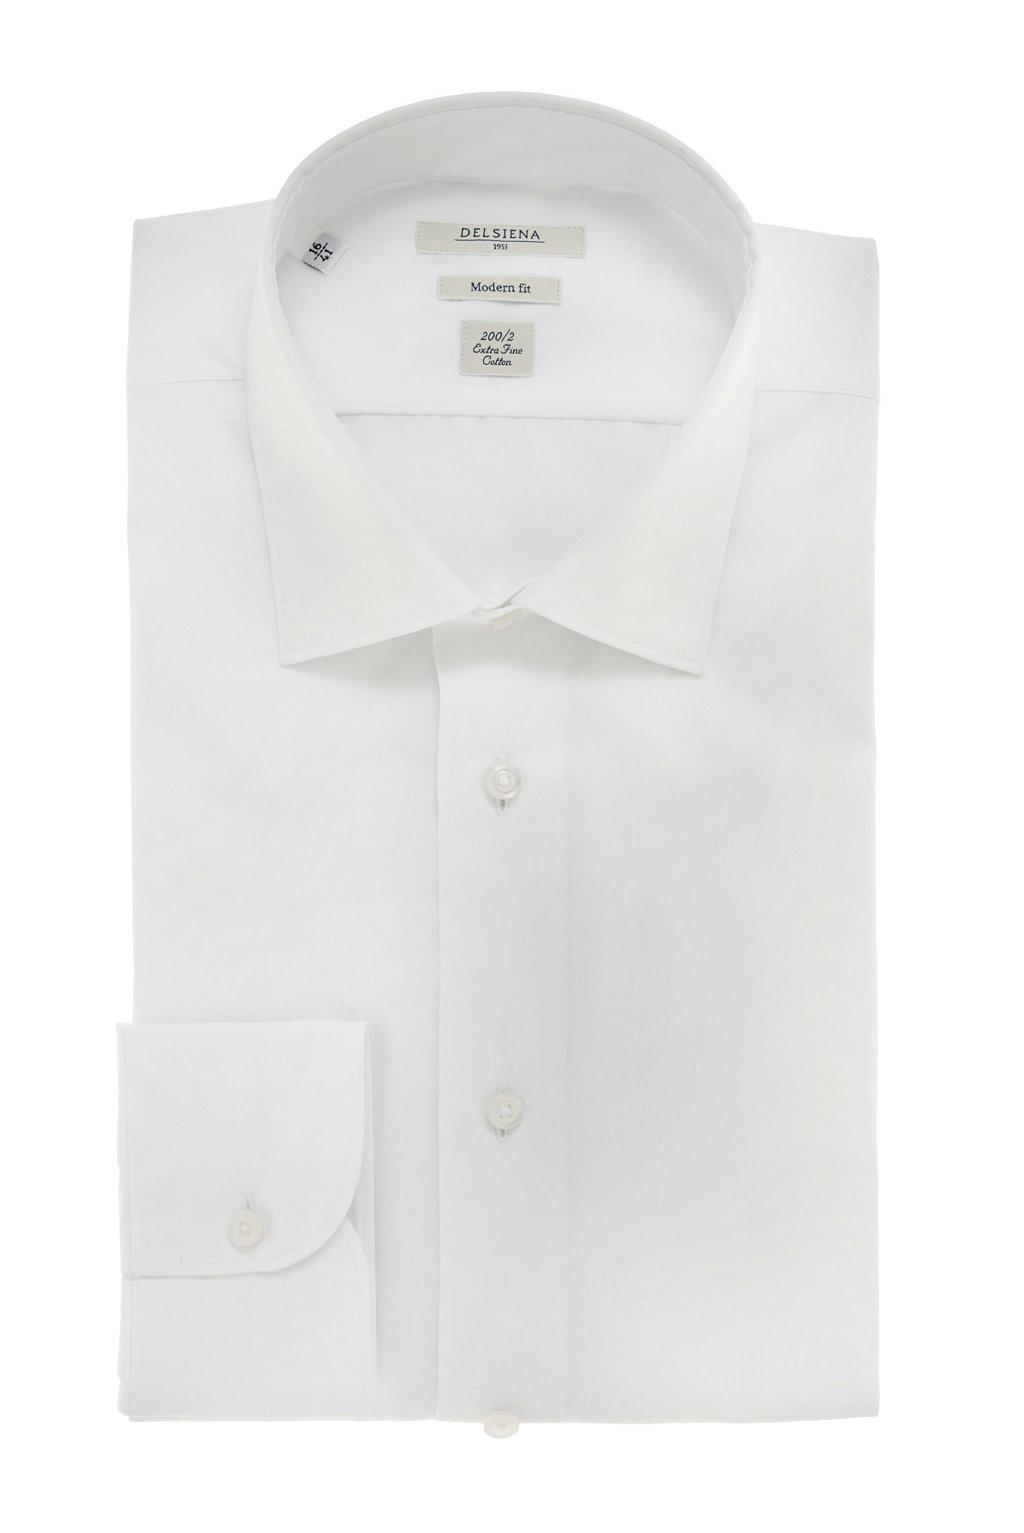 Camicia bianca Delsiena Extrafine cotton